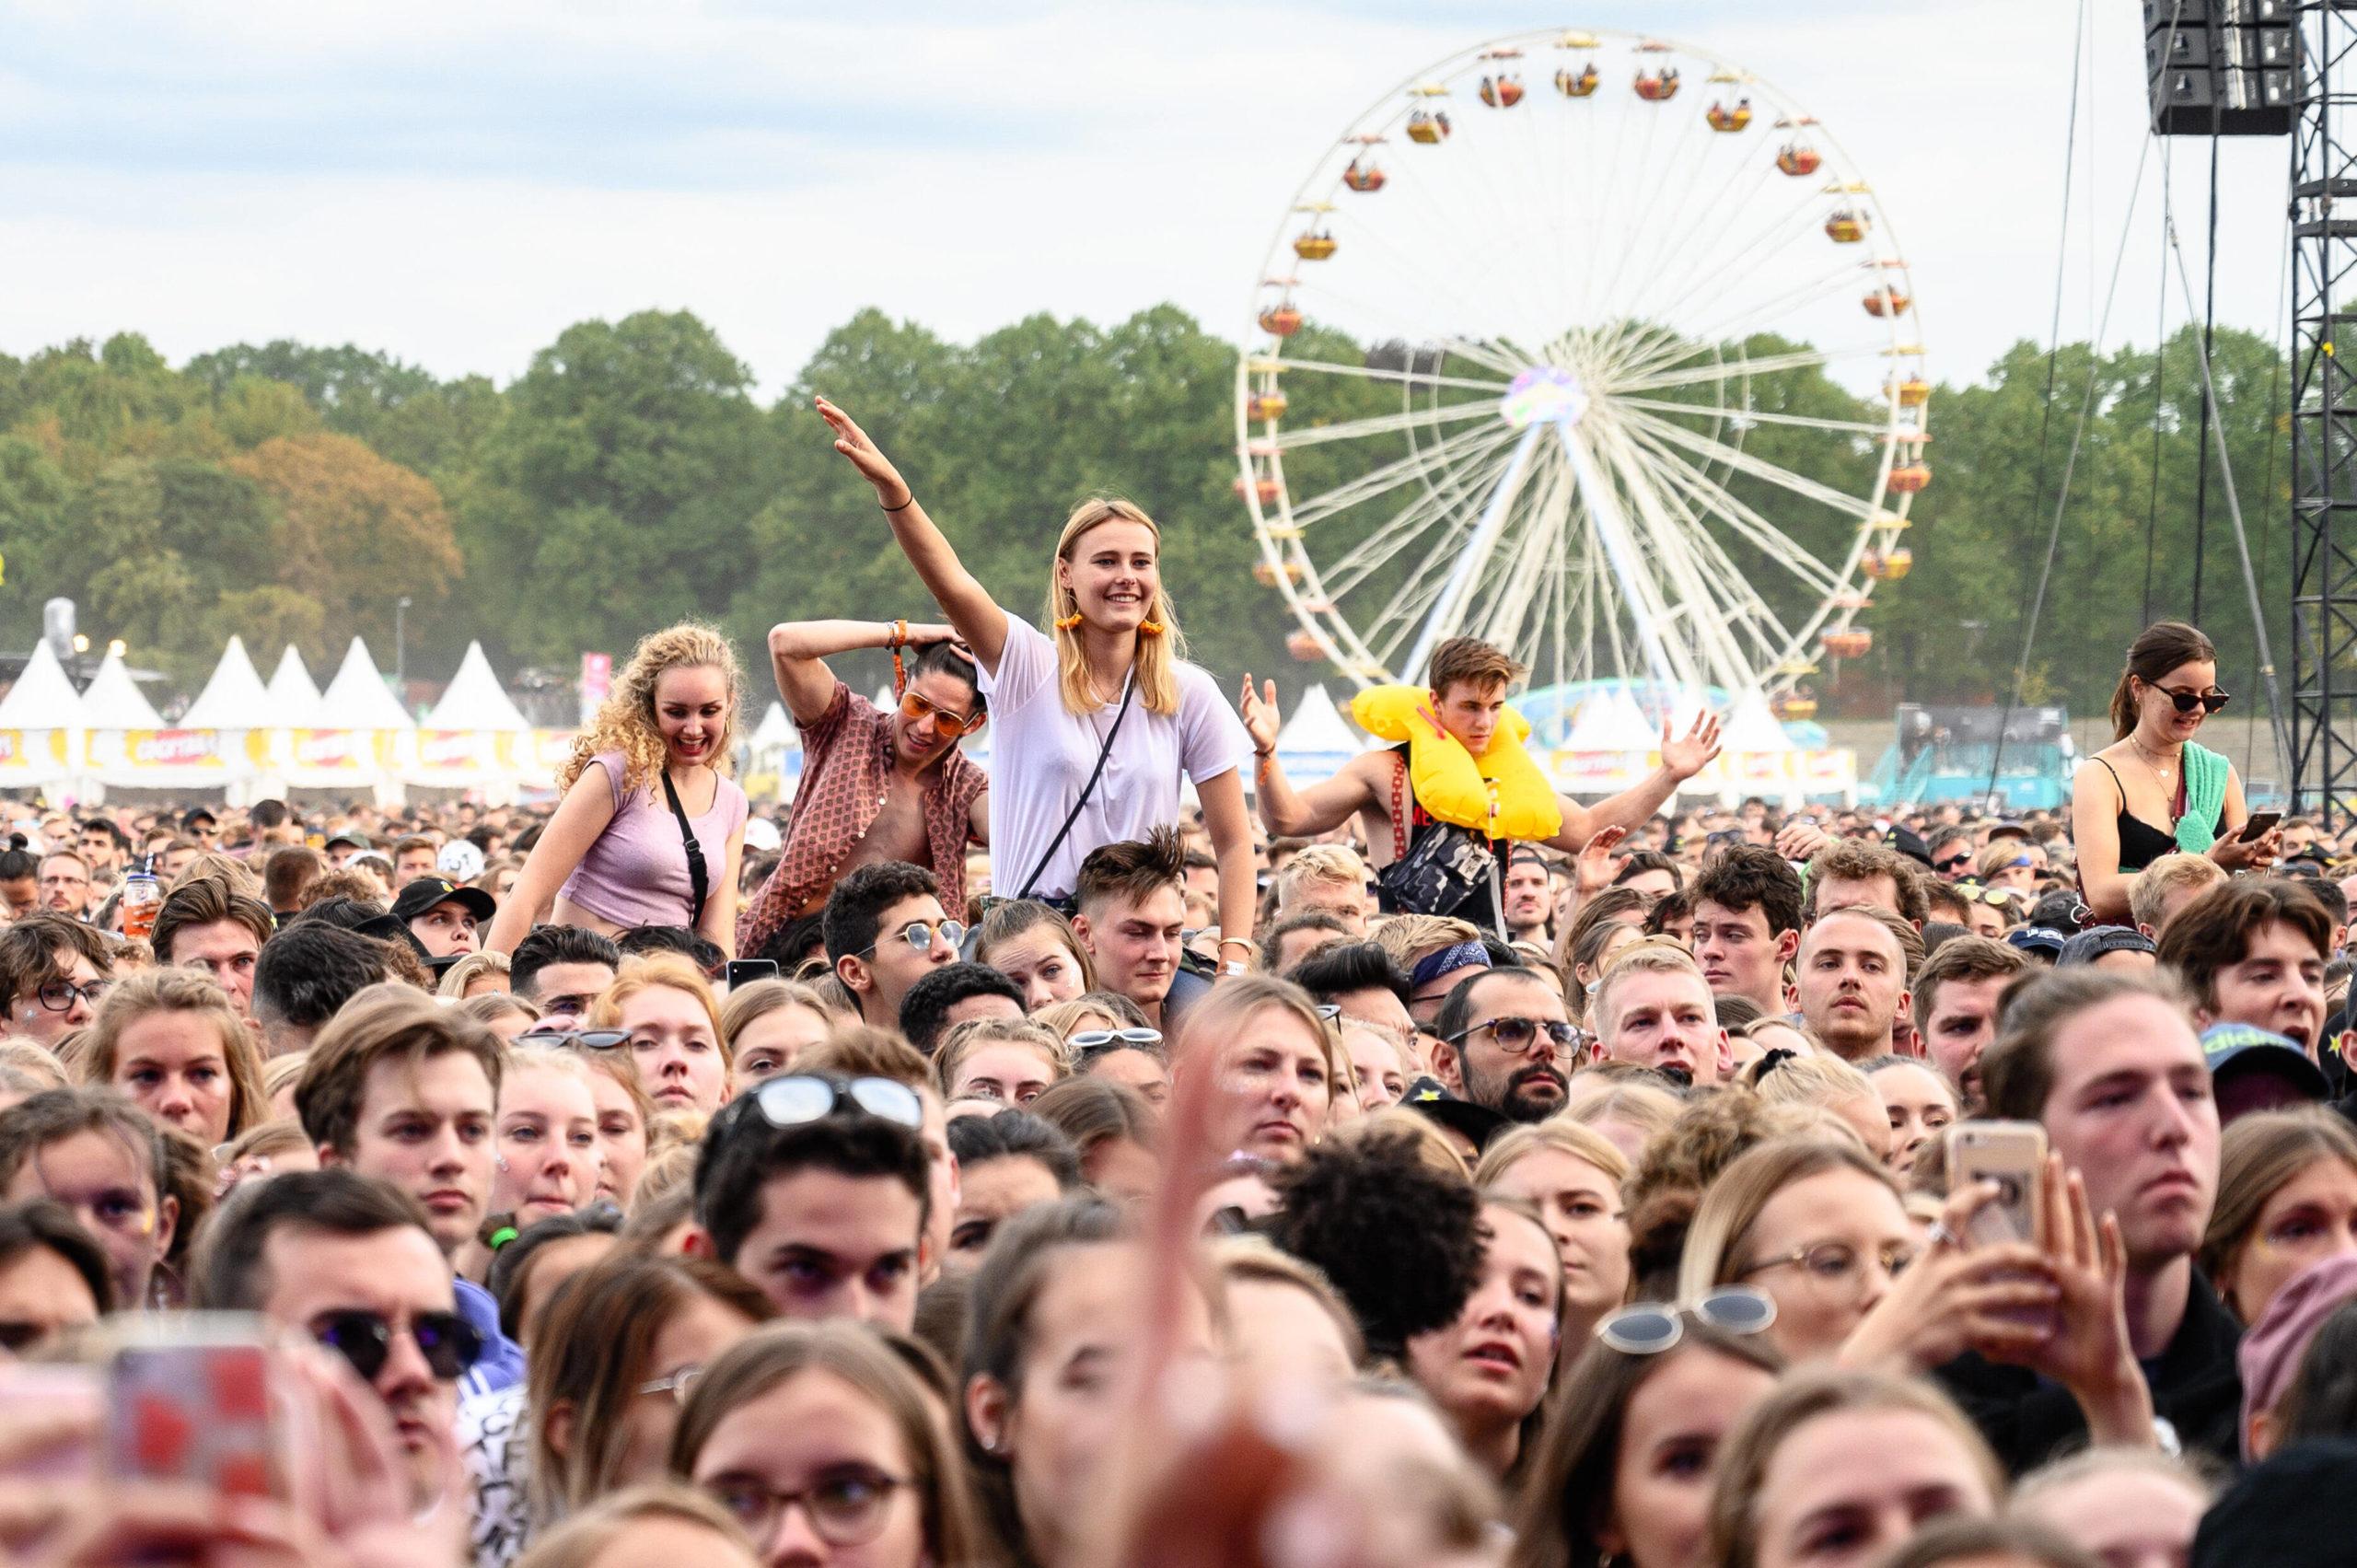 Das Lollapalooza im Olympiastadion ist ein Indie, Rock, Pop, Hip Hop und Electronic Festival in Berlin. Seit 2015 werden jährlich über 70 000 Menschen erwartet. Foto: Imago/Charles Yunck